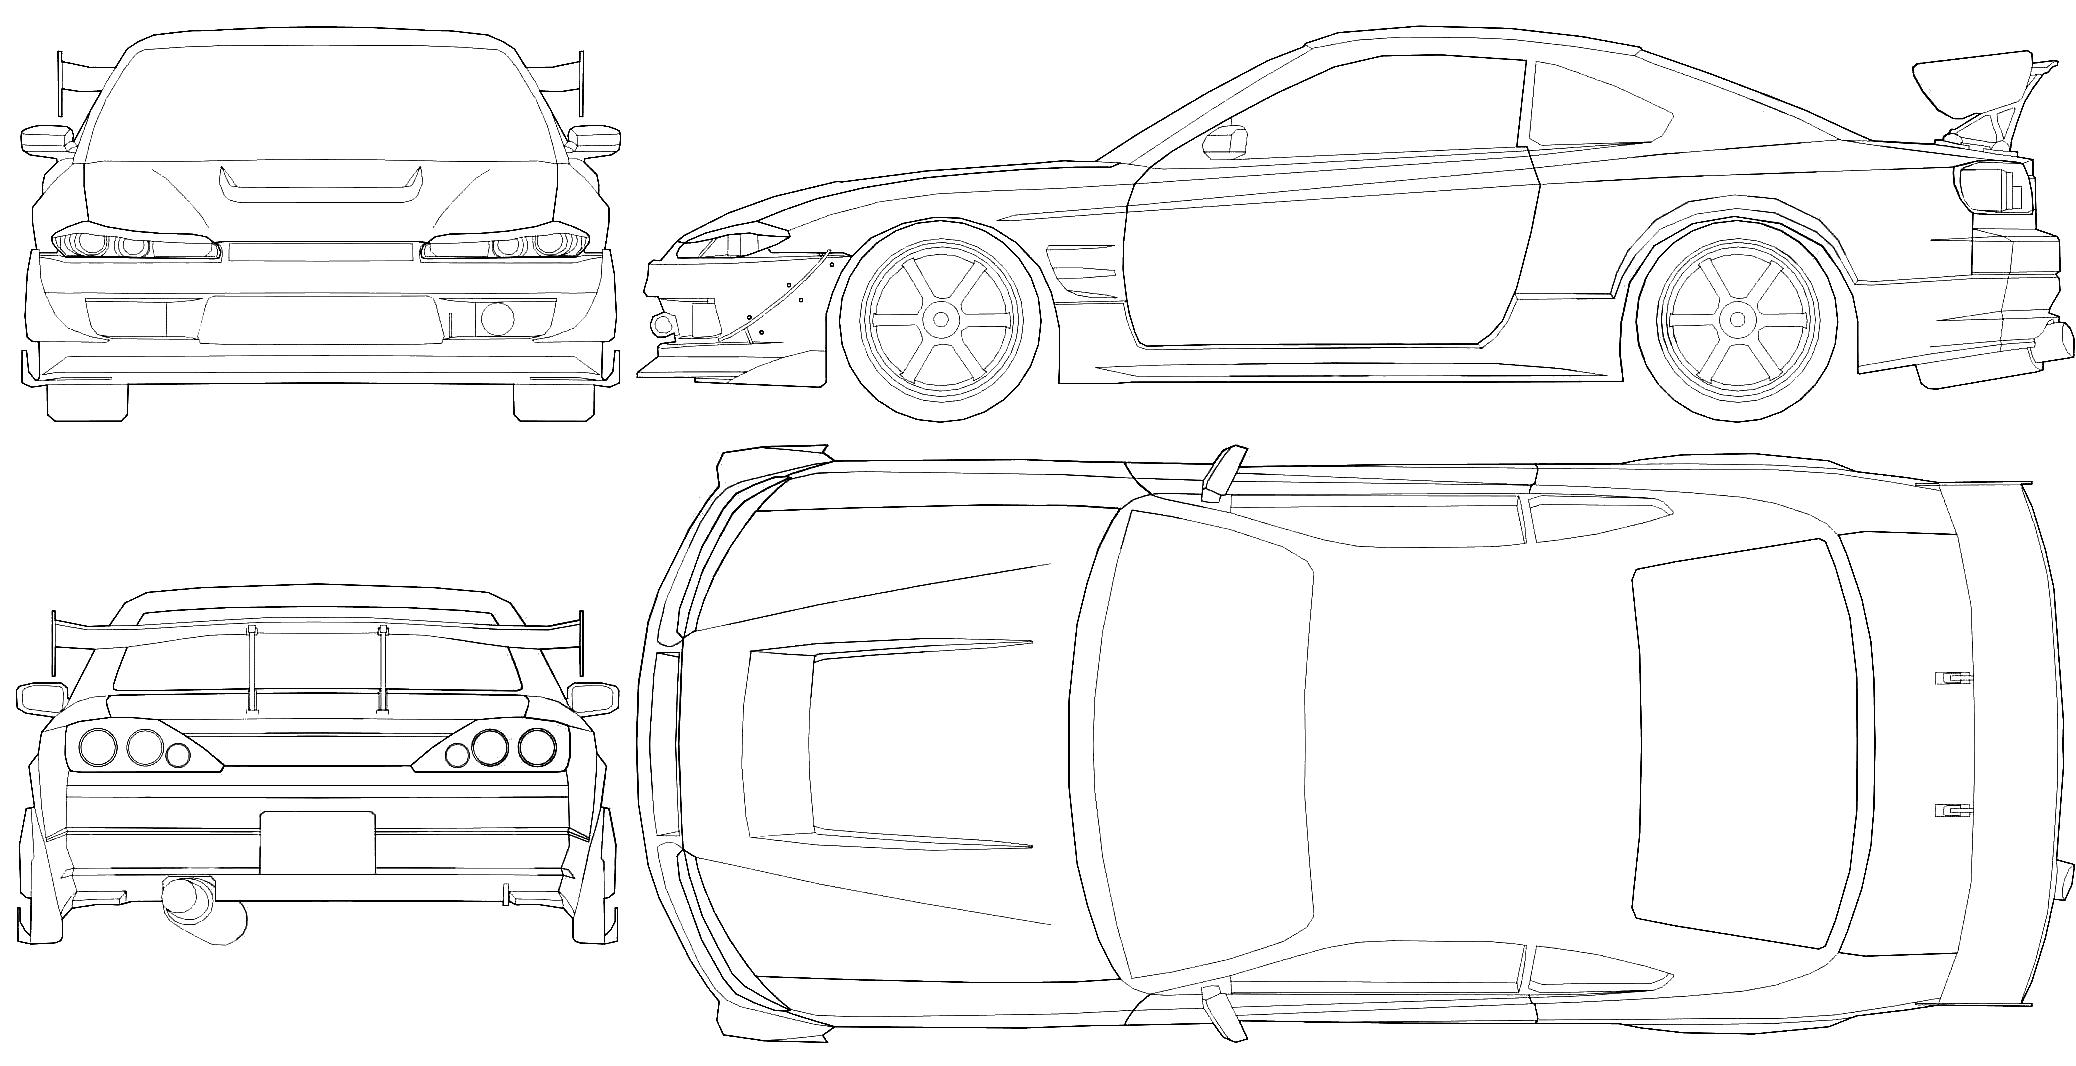 Nissan silvia s15 clipart.